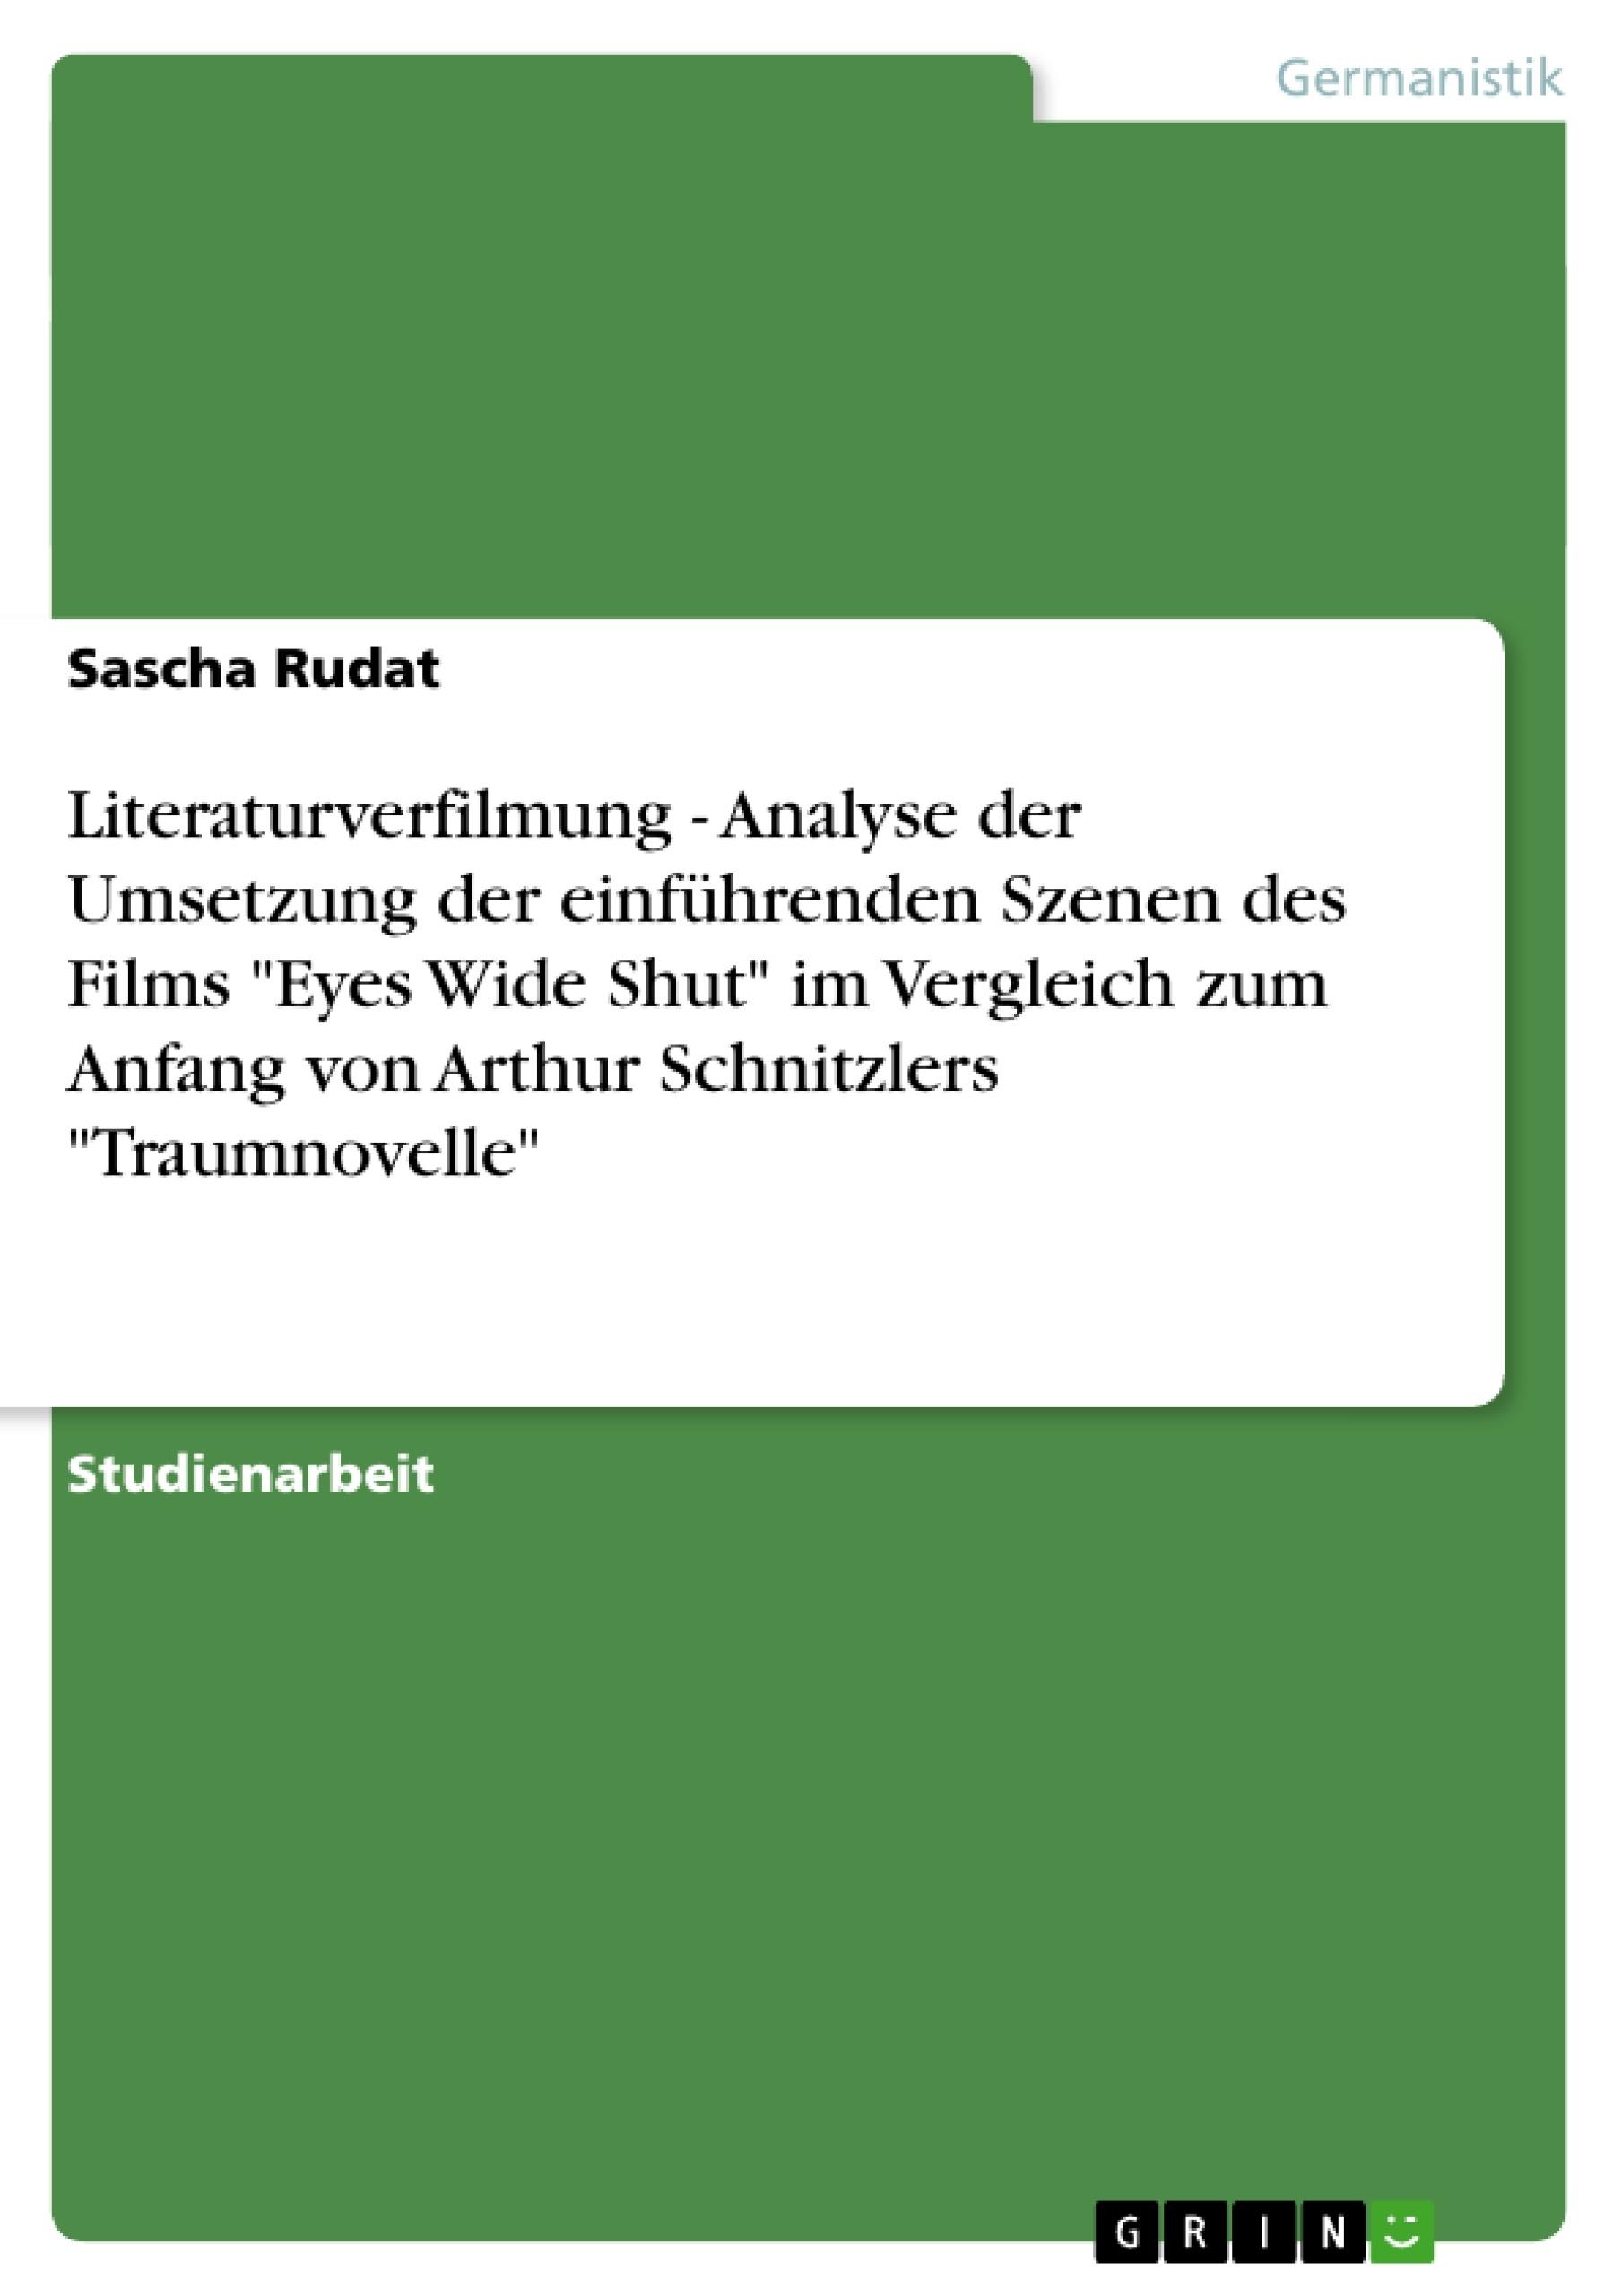 """Titel: Literaturverfilmung - Analyse der Umsetzung der einführenden Szenen des Films """"Eyes Wide Shut"""" im Vergleich zum Anfang von Arthur Schnitzlers """"Traumnovelle"""""""